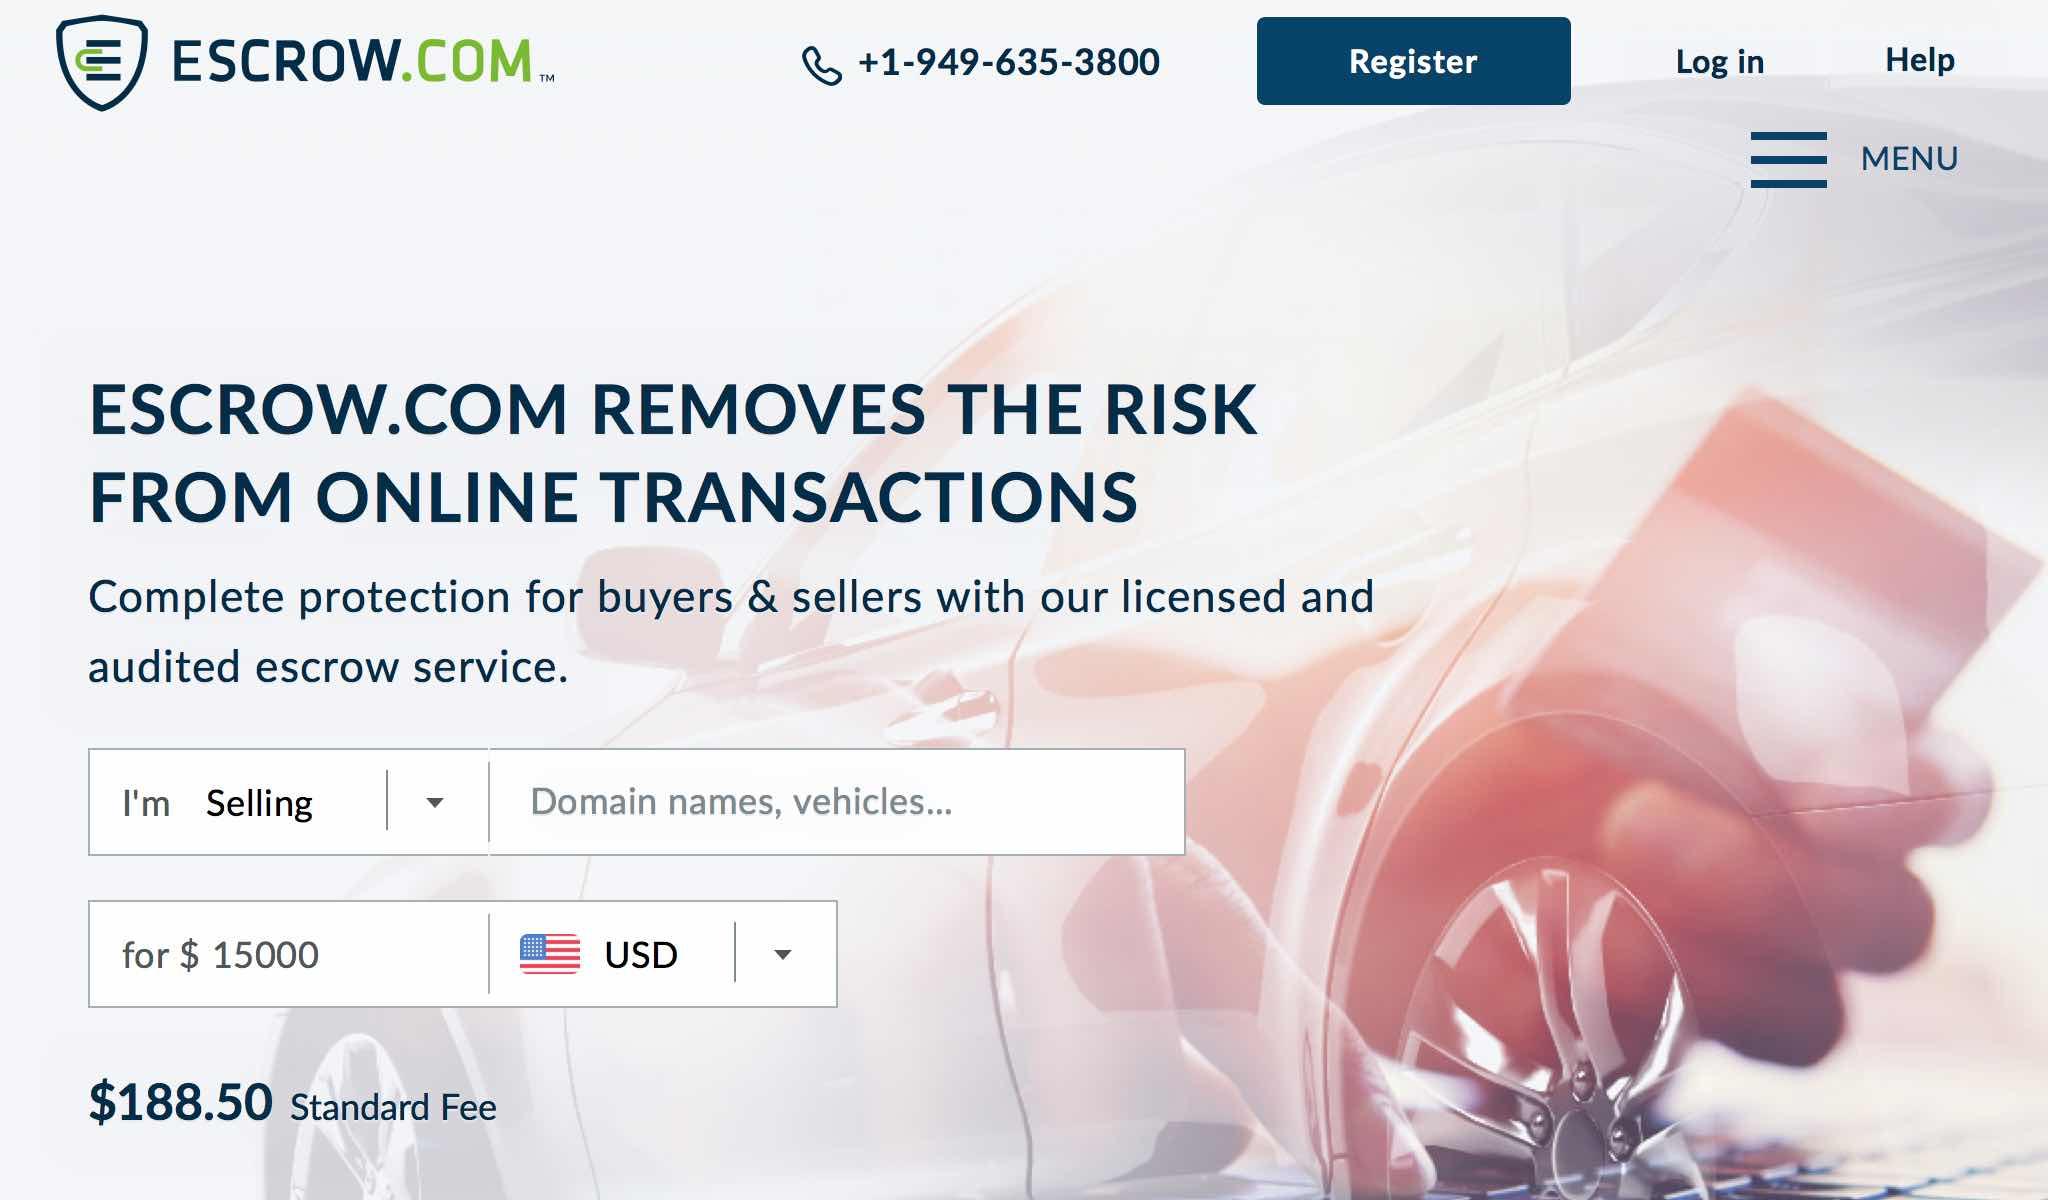 Escrow - Safe & Secure Online Transactions - Escrow.com